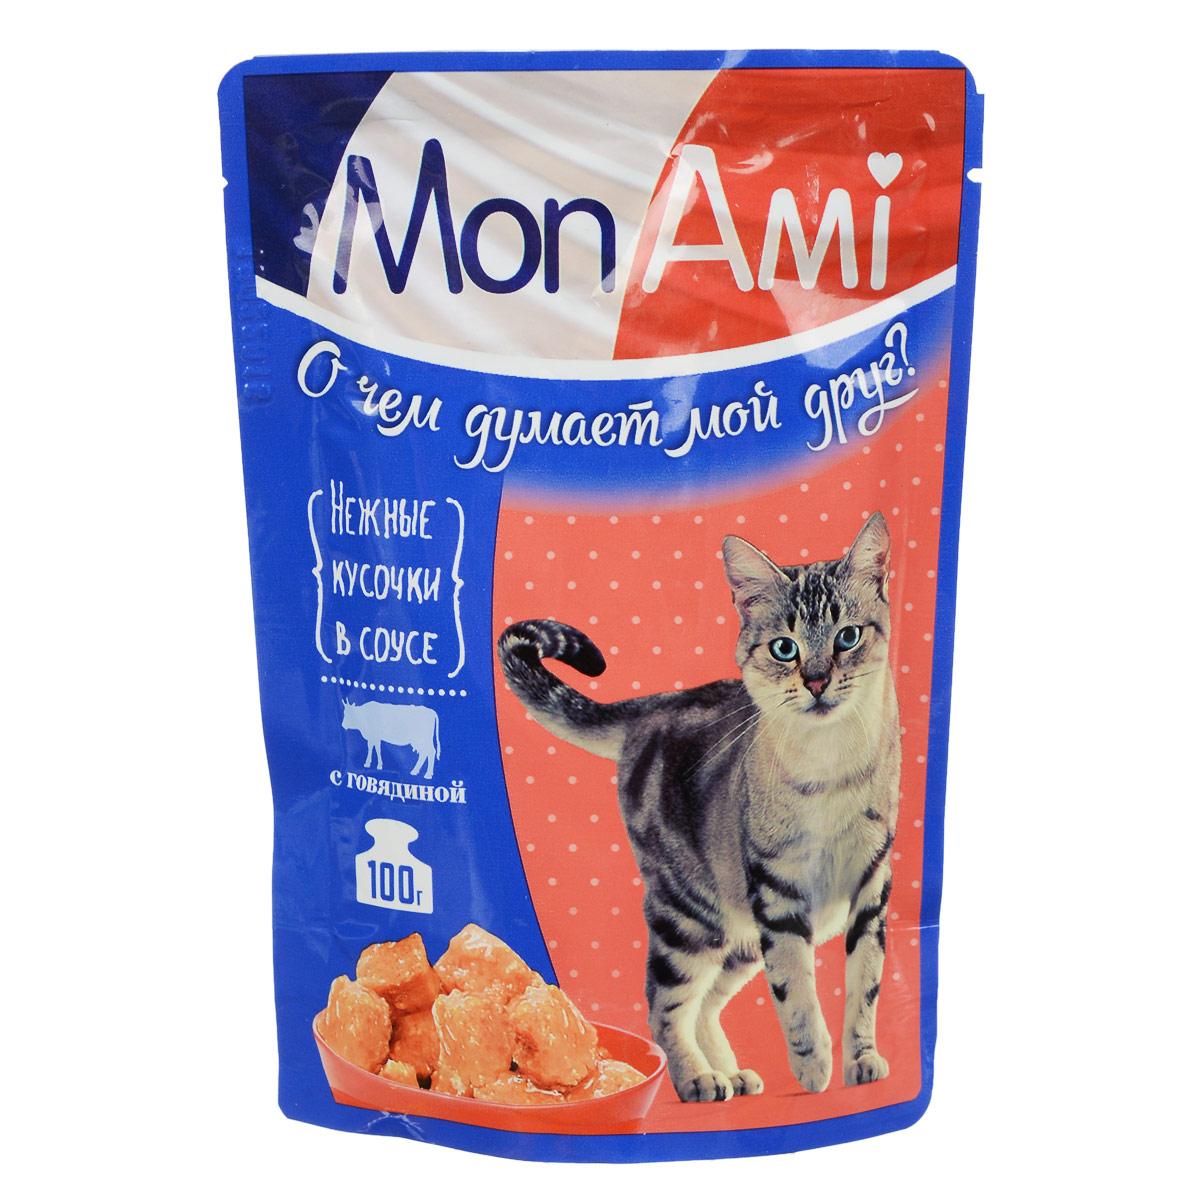 Корм консервированный для кошек Mon Ami, с говядиной, 100 г0120710Консервированный корм Mon Ami - это самое любимое лакомство вашейкошки, которое содержит оптимальный набор полезных витаминов, минералов и микроэлементов, позволяющие сохранять безупречный внешний вид животного.После вкусного завтрака с аппетитными и нежными кусочками в соусе со вкусом говядины благодарность вашего питомца не заставит себя ждать.Состав: мясо и продукты животного происхождения, растительные компоненты, масло подсолнечное, минеральные добавки, загустители, витамины (в том числе таурин).Содержание питательных веществ: протеин 8%, жир 5%, влага 82%, зола 2,5 %, клетчатка 0,5%, витамин Е 1 мг/100 г.Энергетическая ценность: 75 ккал/100 г .Вес: 100 г.Товар сертифицирован.